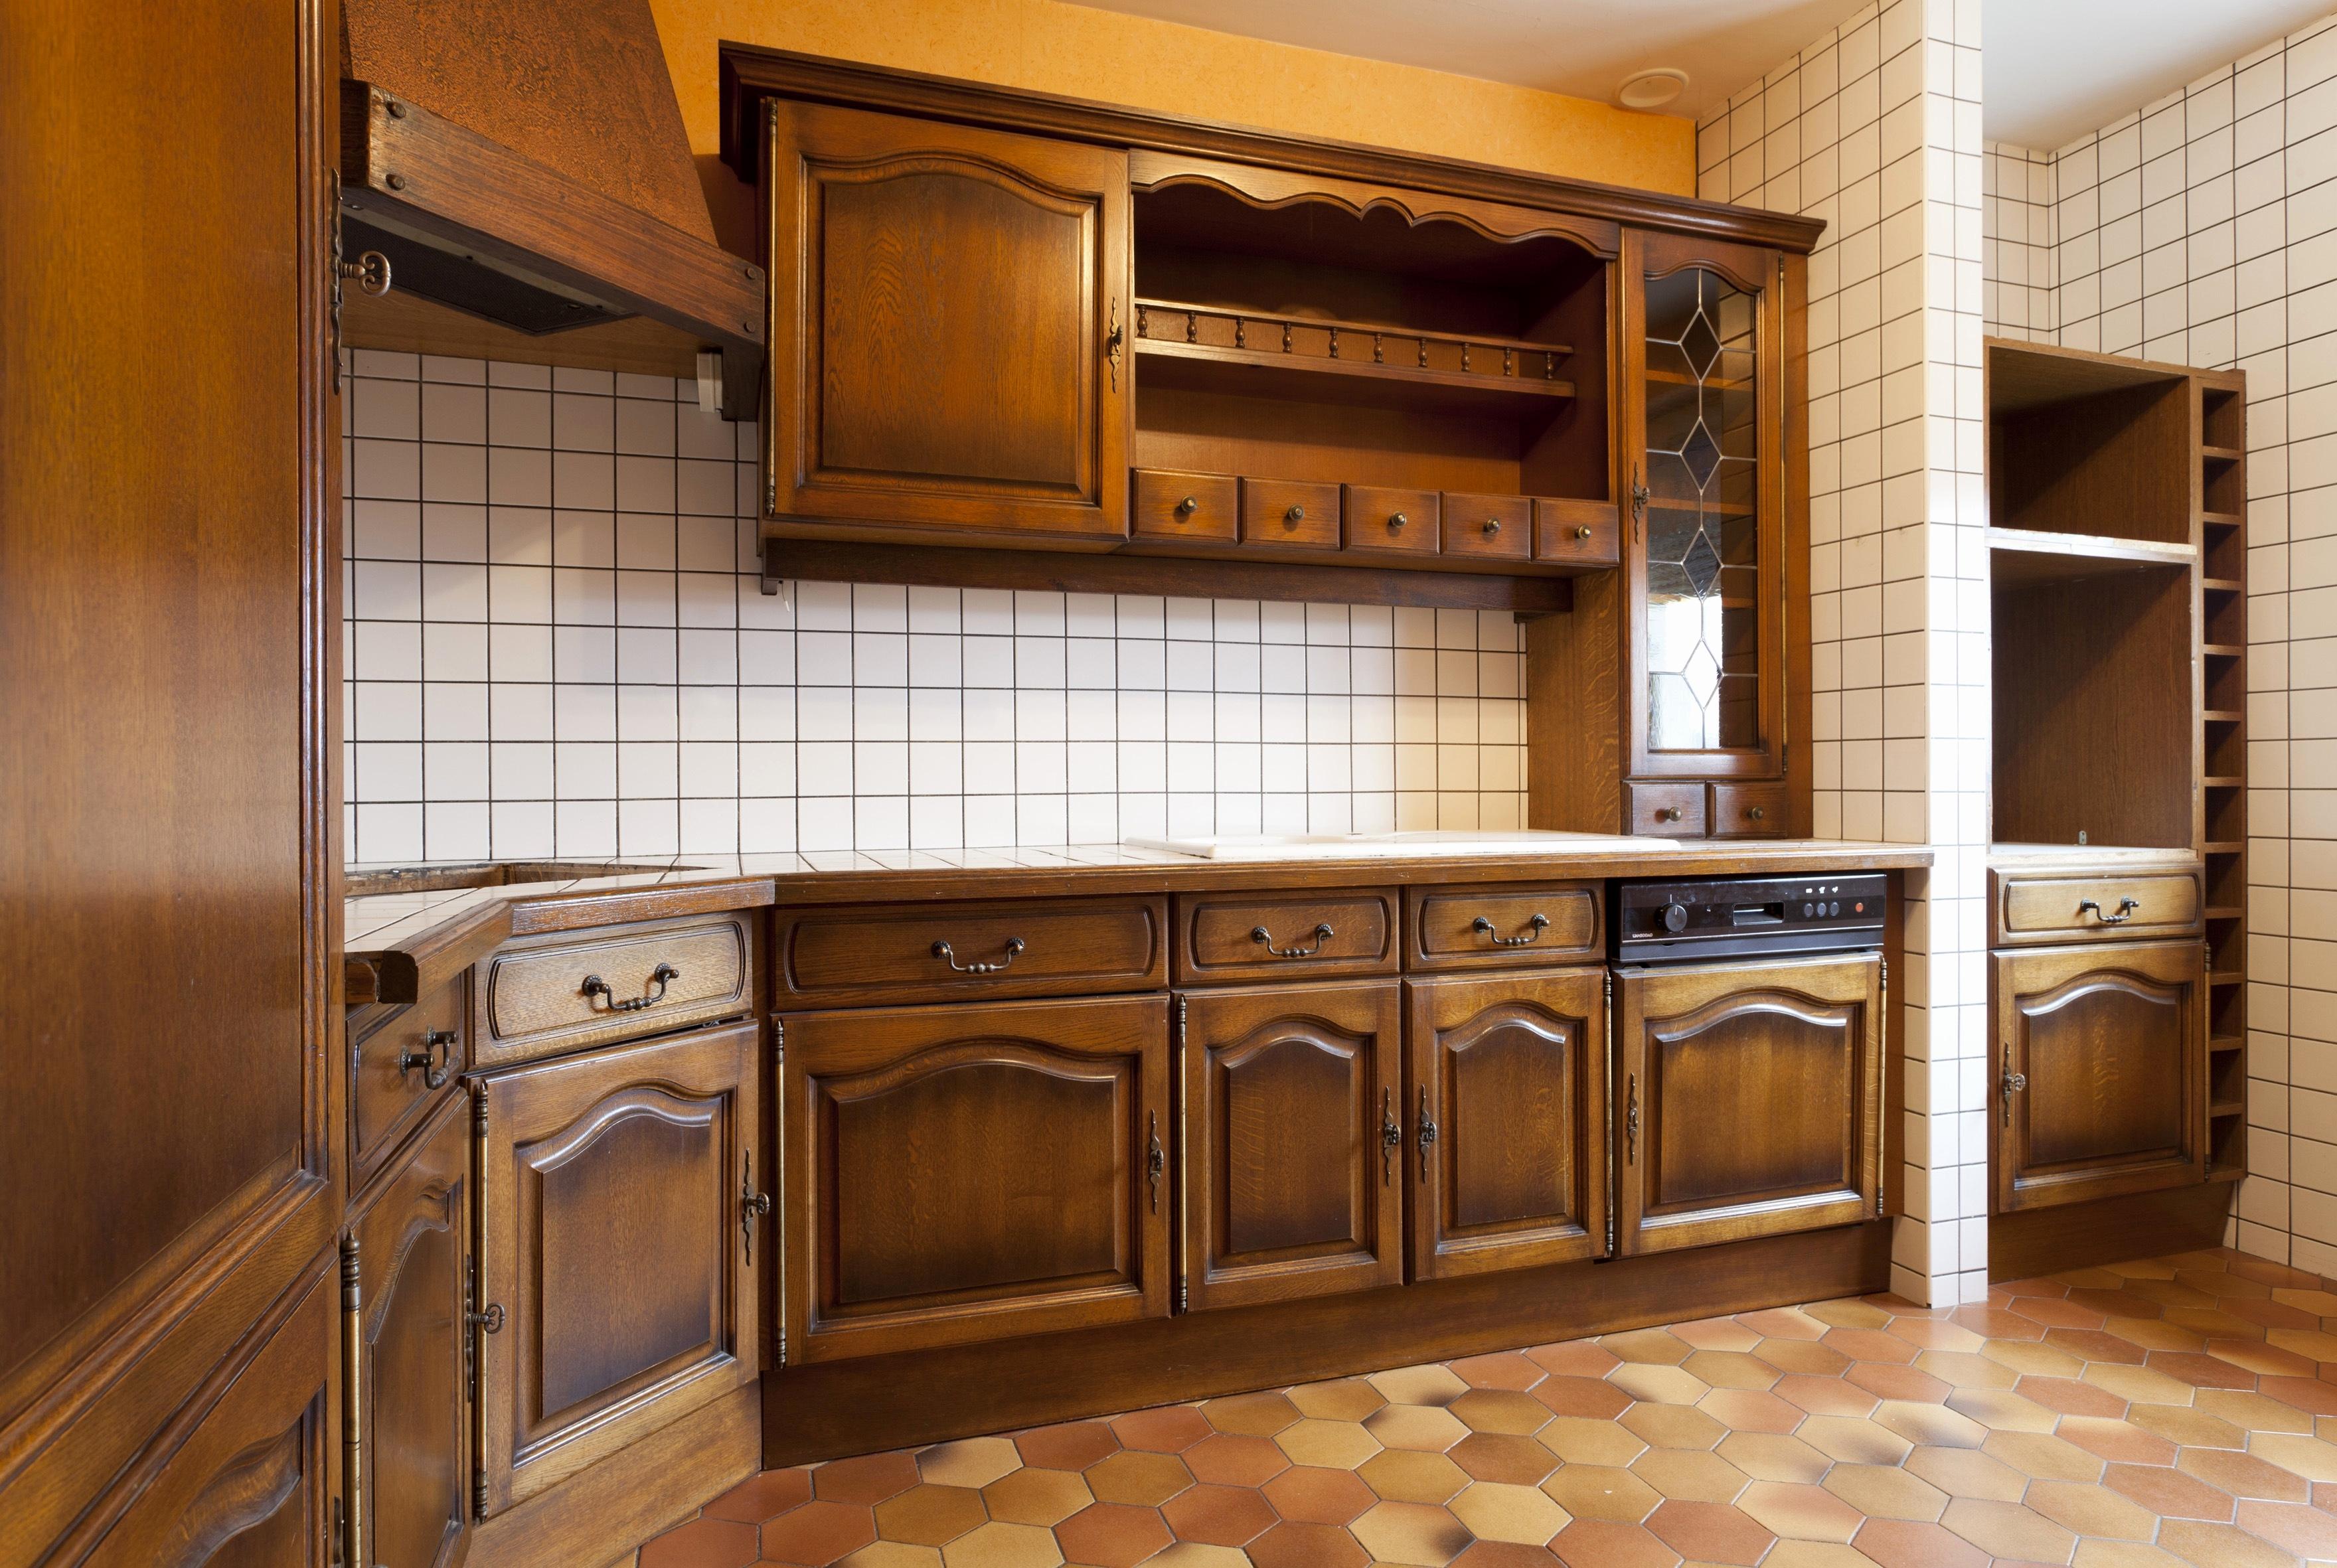 Fabricant Cuisine Portugal Impressionnant Photographie Meuble Allemand élégant Fabricant Cuisine Portugal Best Meuble